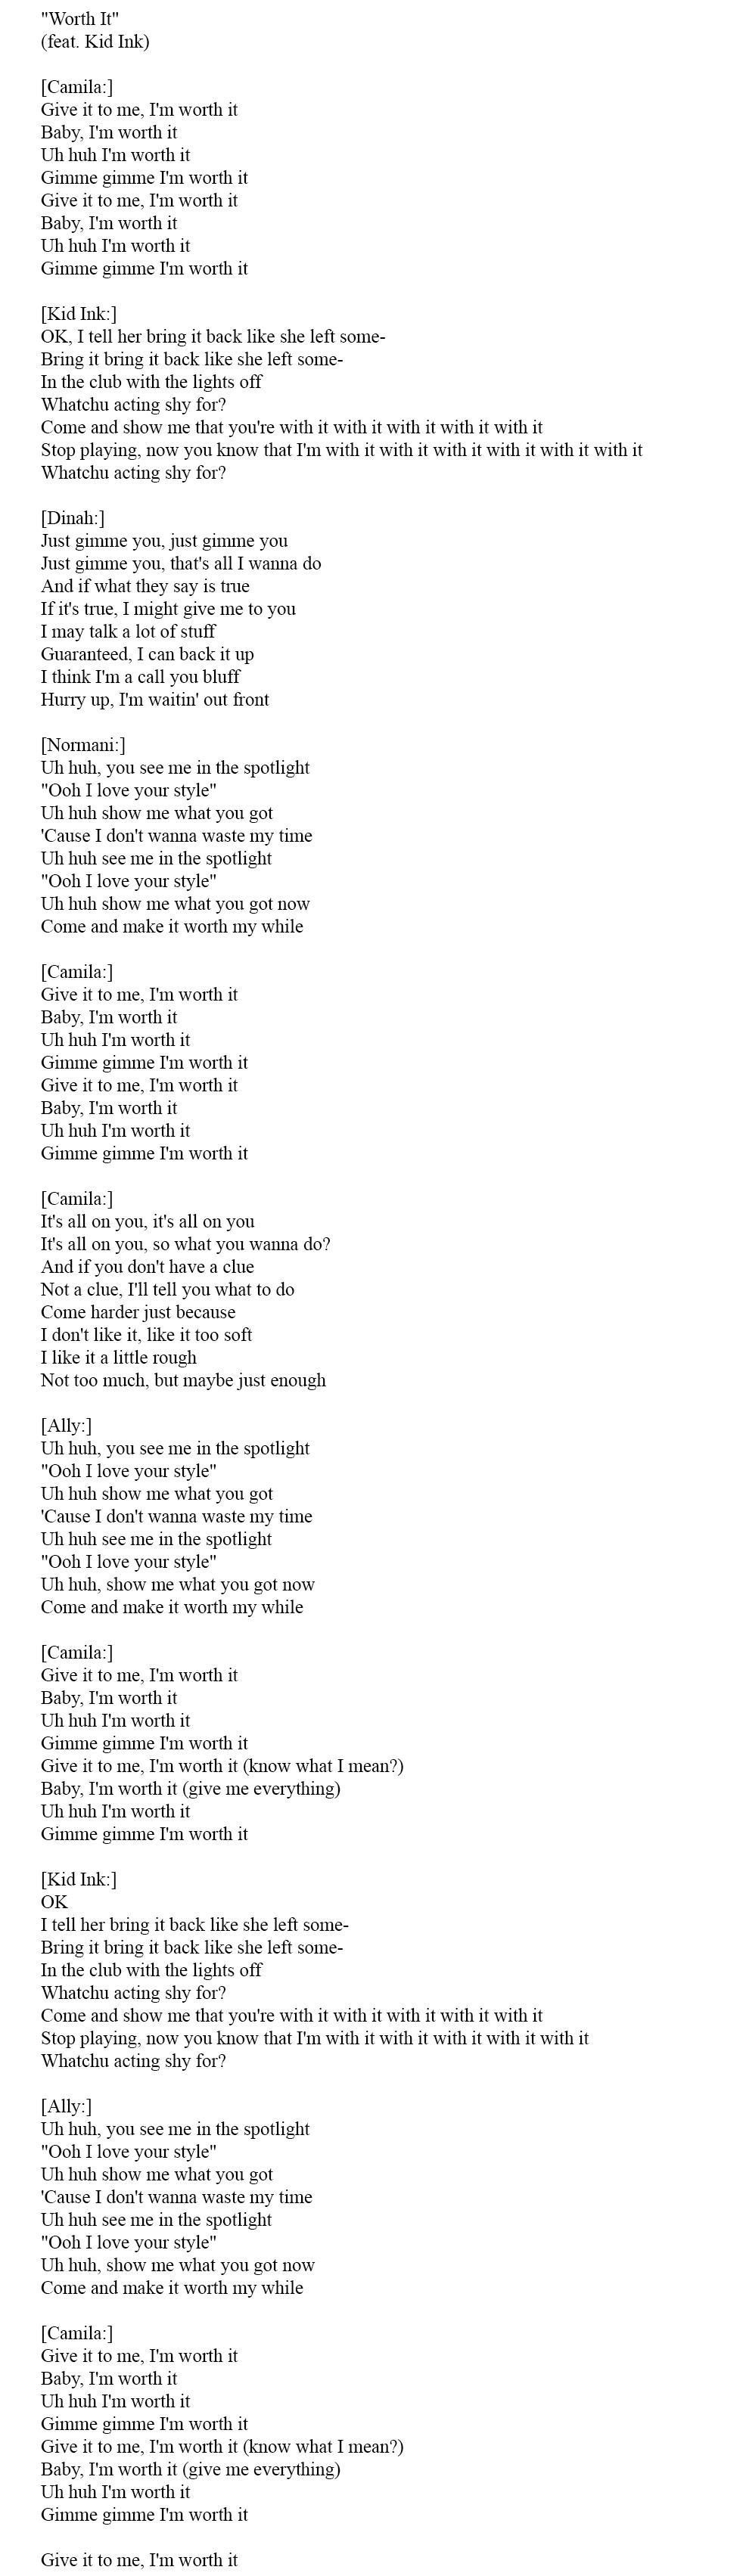 Тексты английских песен 2015 - Worth it